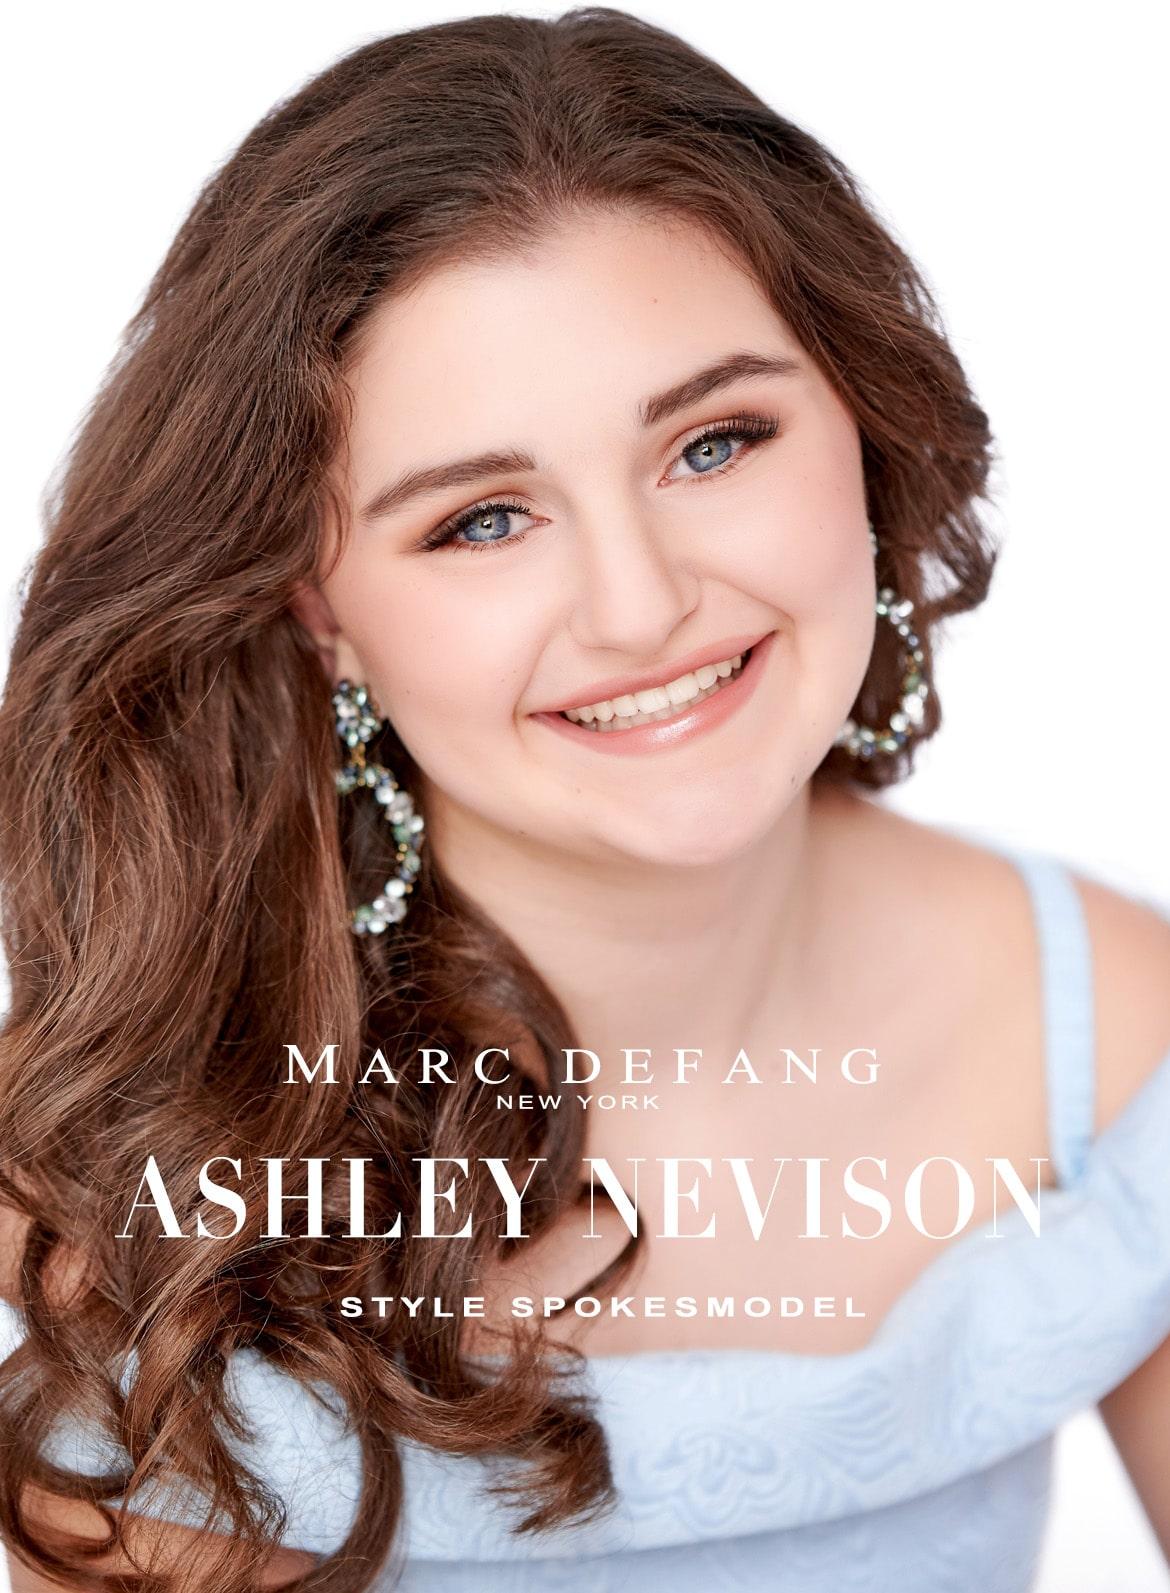 ashley-nevison2-min.jpg